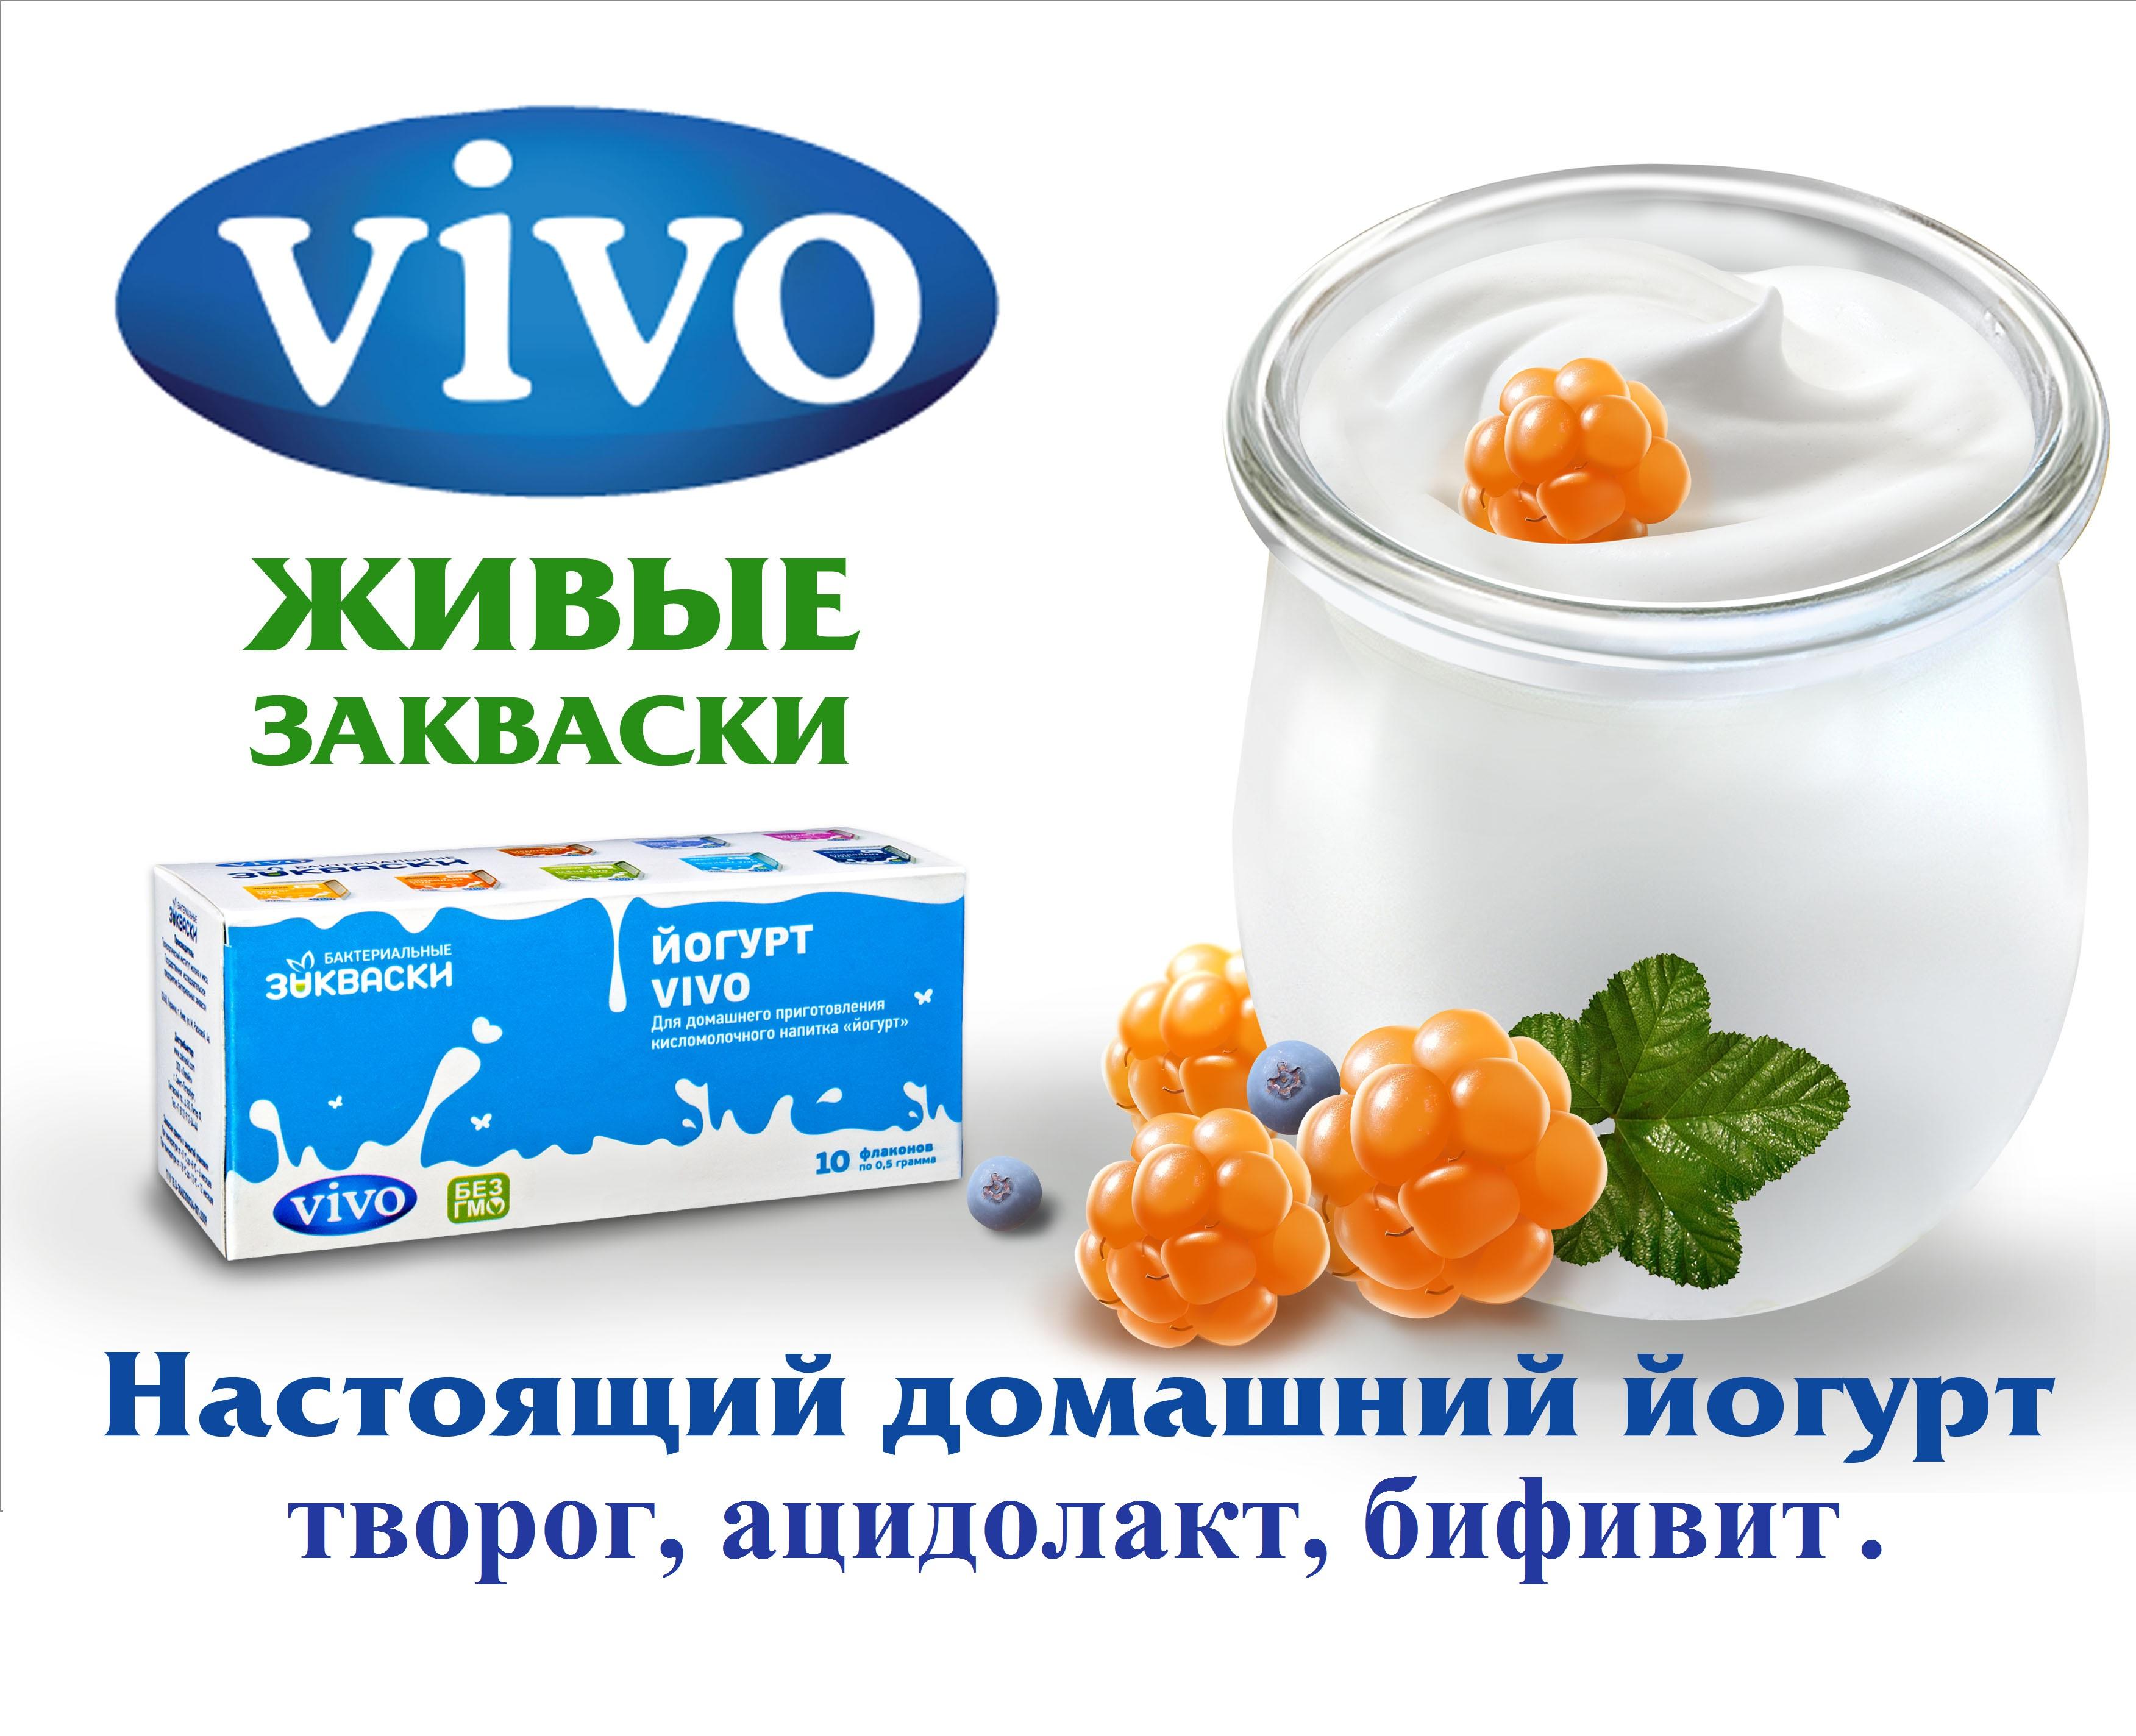 Как сделать жидкий йогурт в домашних условиях